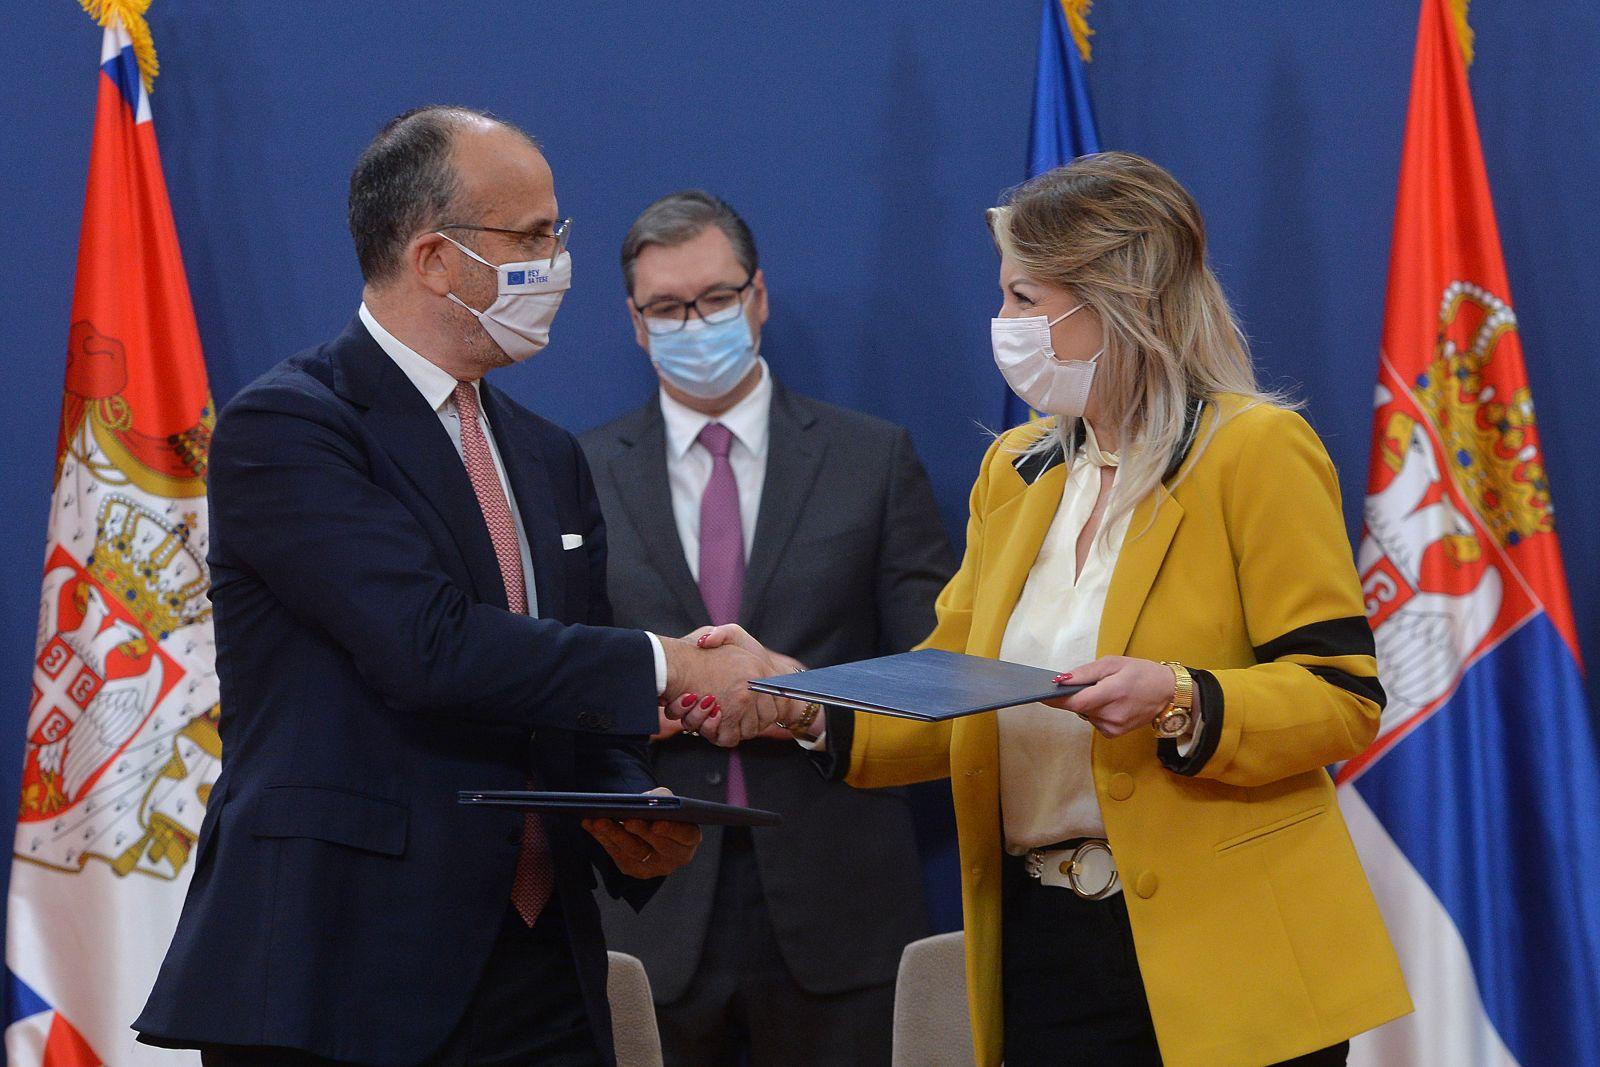 Ј. Јоксимовић: Новац опредељен за секторе од изузетног значаја